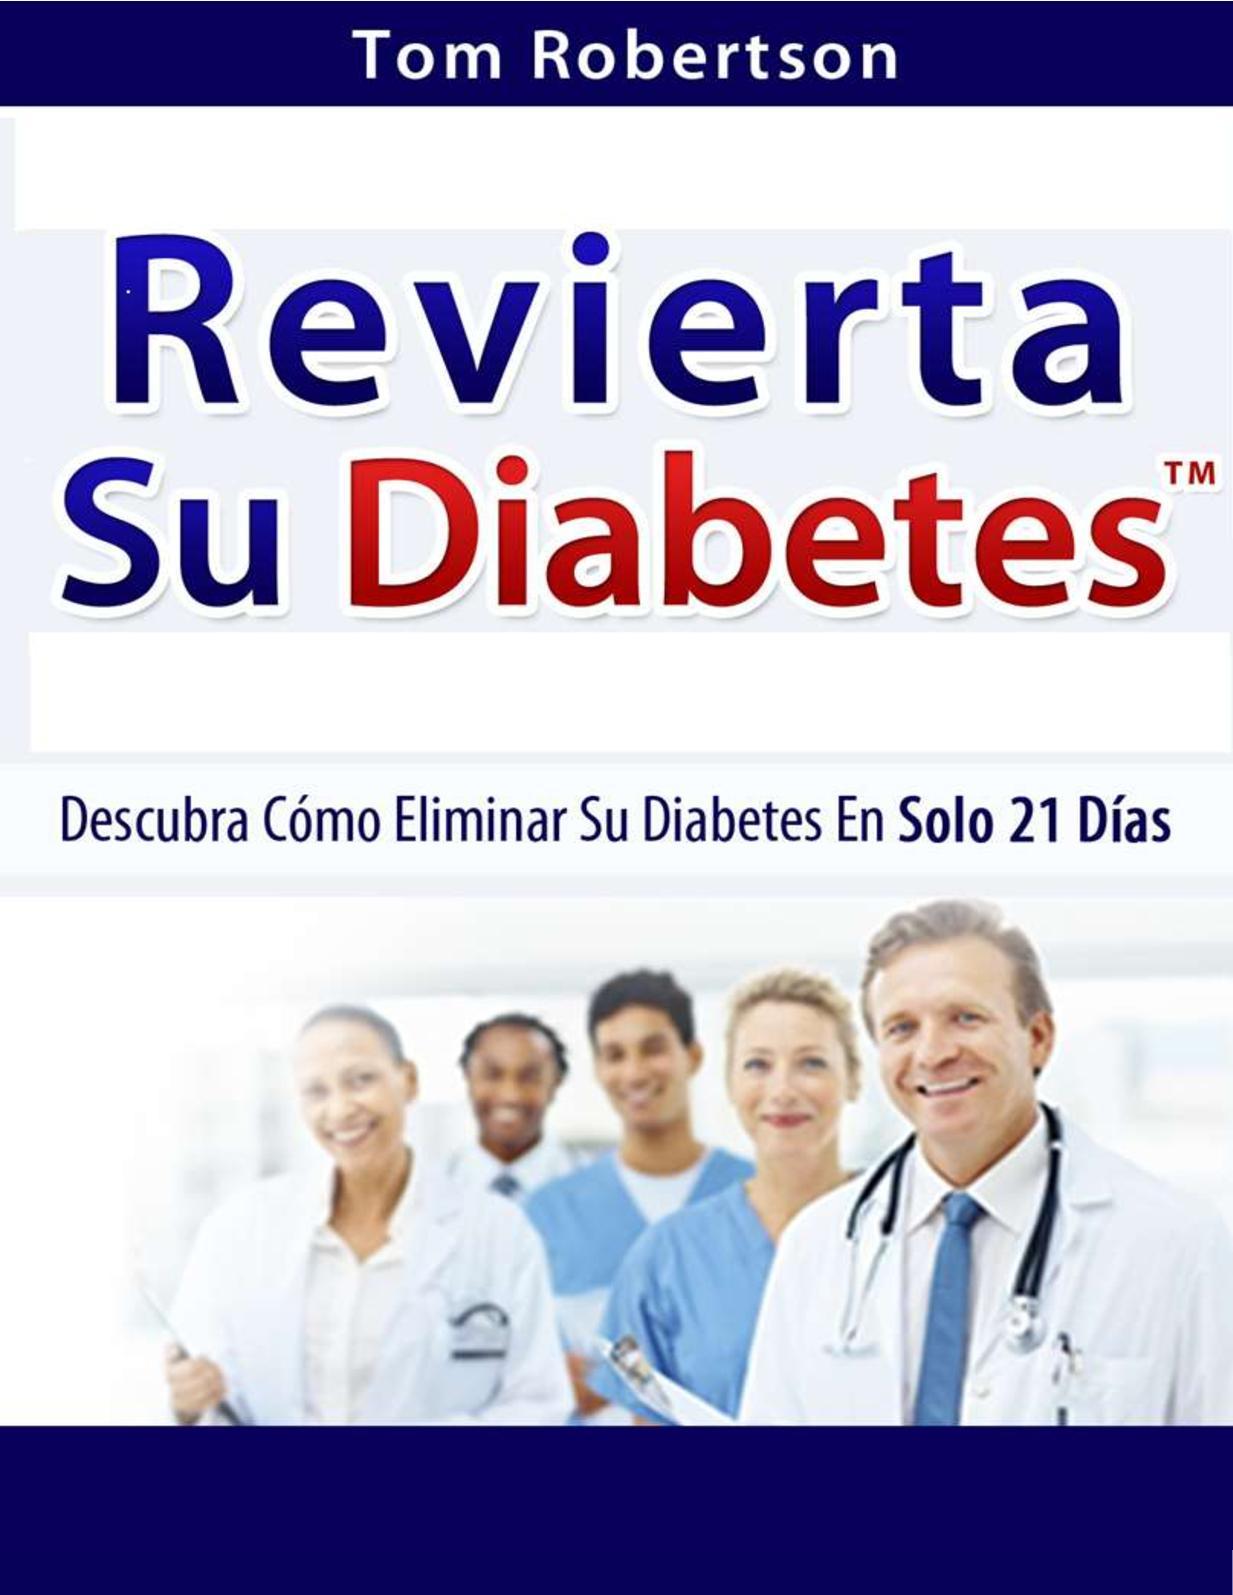 revierta su diabetes naturalmente